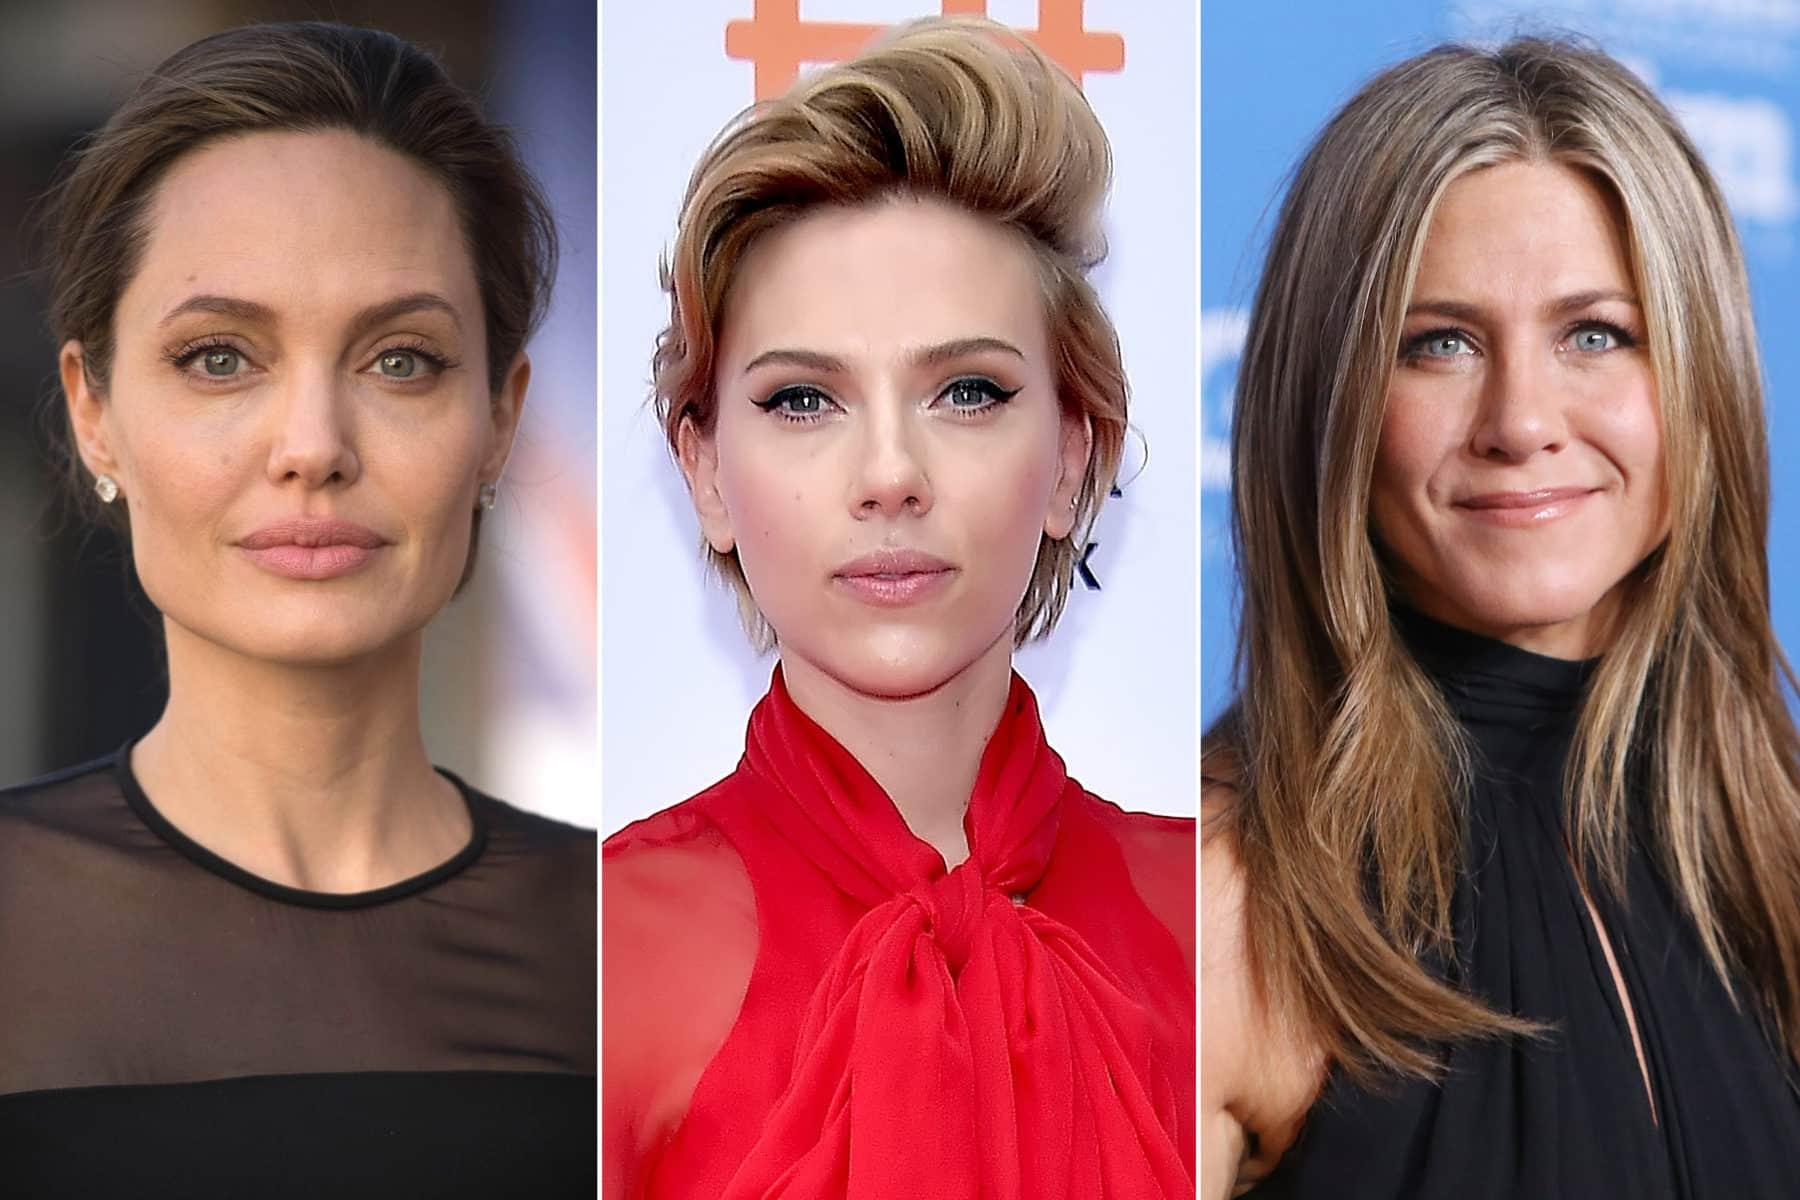 Las diez actrices mejor pagadas del 2018 según Forbes Magazine